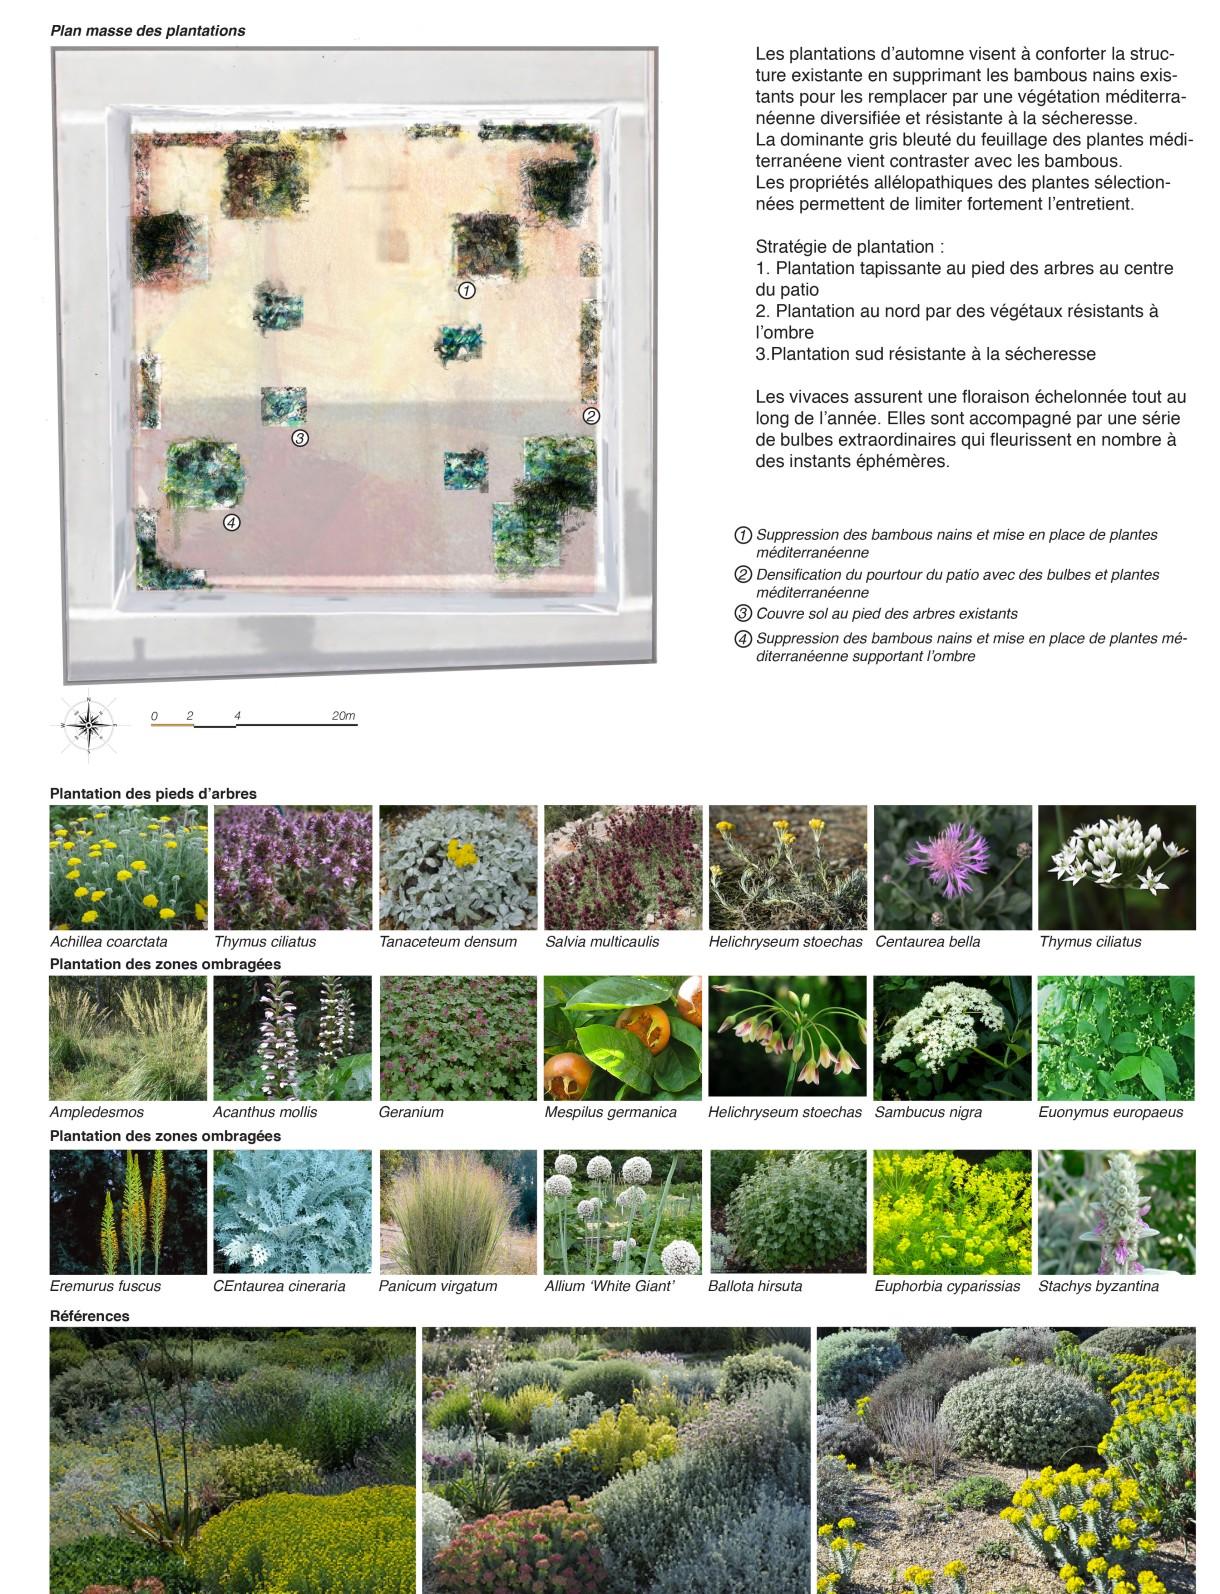 plantations automnales